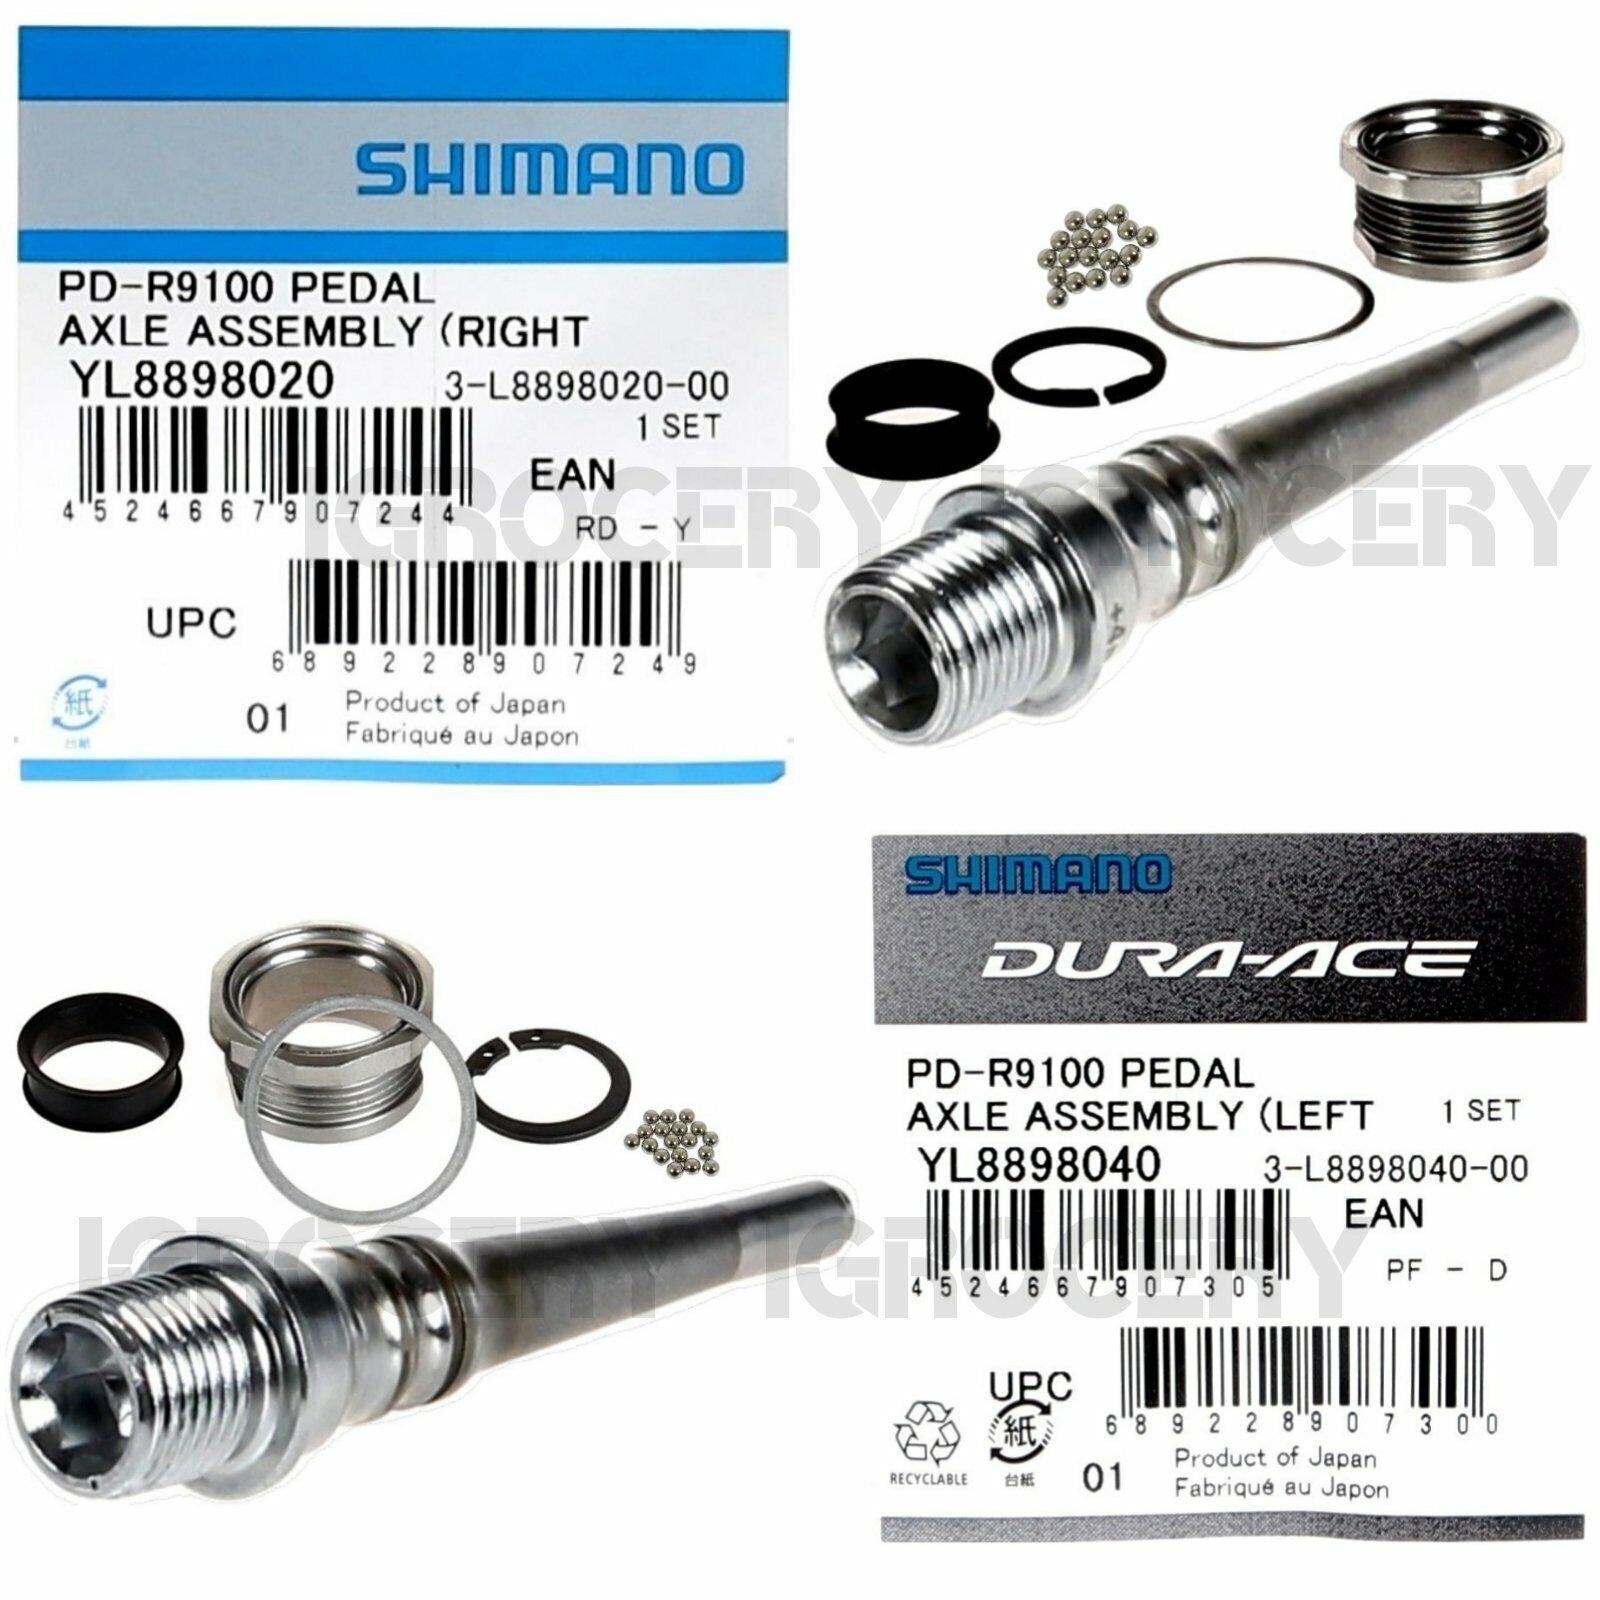 Shimano Dura-Ace SPD-SL PD-R9100 Pedal +4mm eje más Montaje Par Izquierda derecha